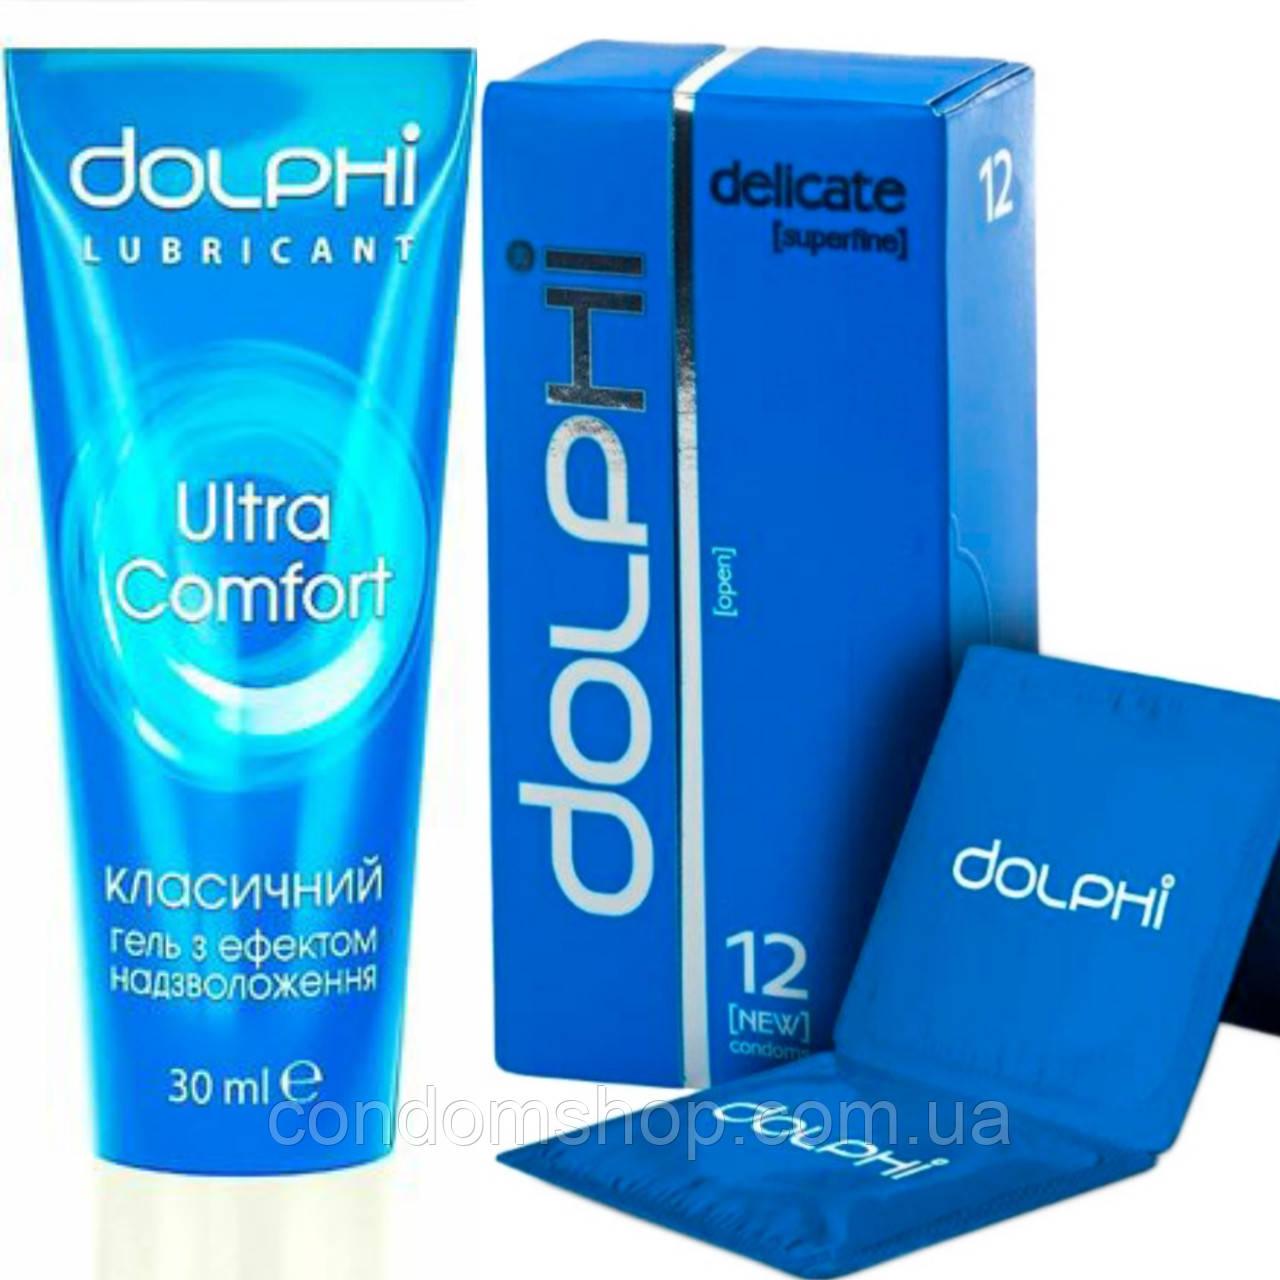 """Набор Dolphi luxe ,,Нежное прикосновение"""":презервативы Dolphi Delicate супер тонкие + гель-смазка классическая"""